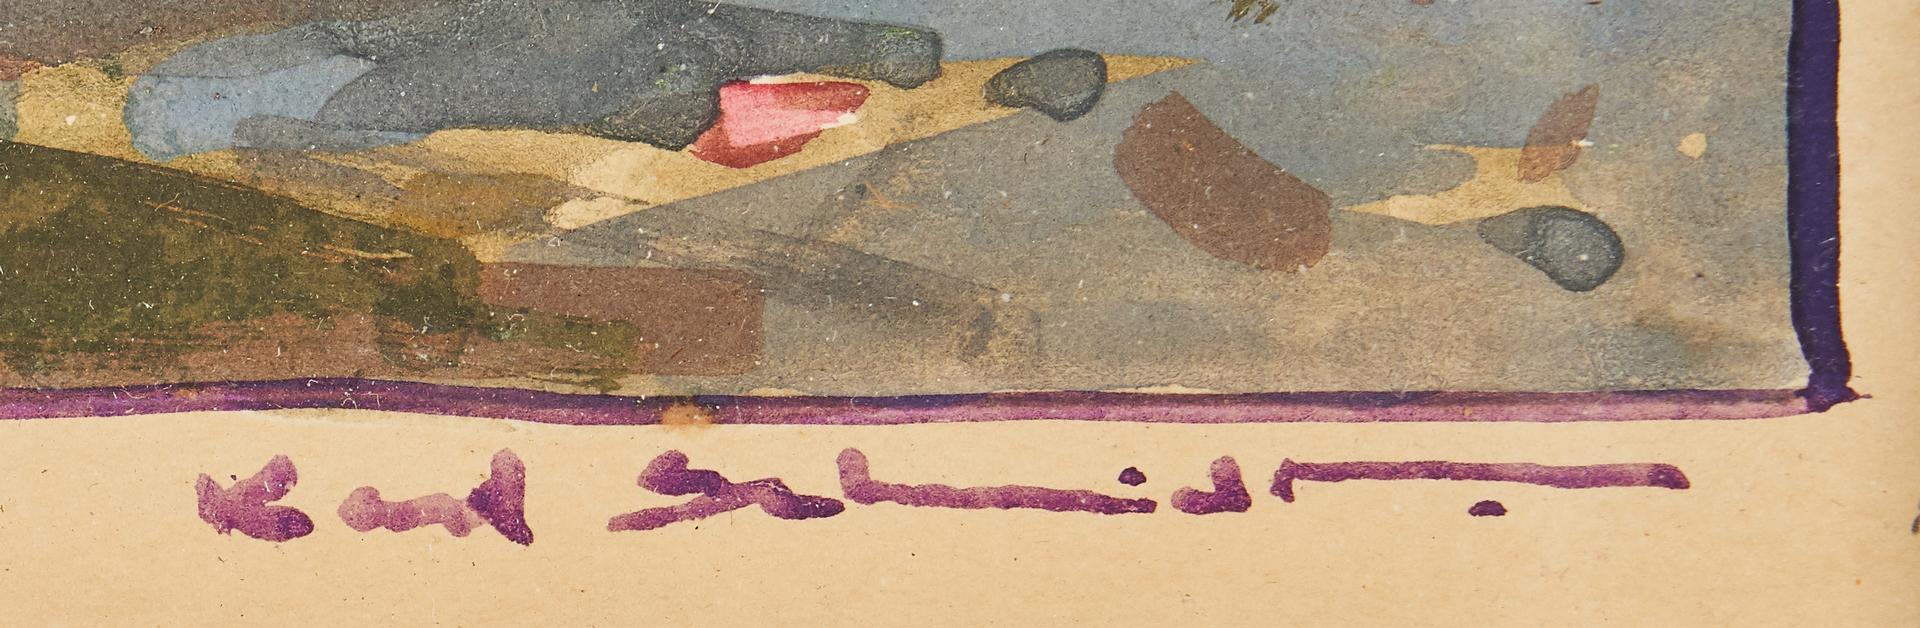 Lot 573: Pair Karl Schmidt California Scenes, Land and Sea